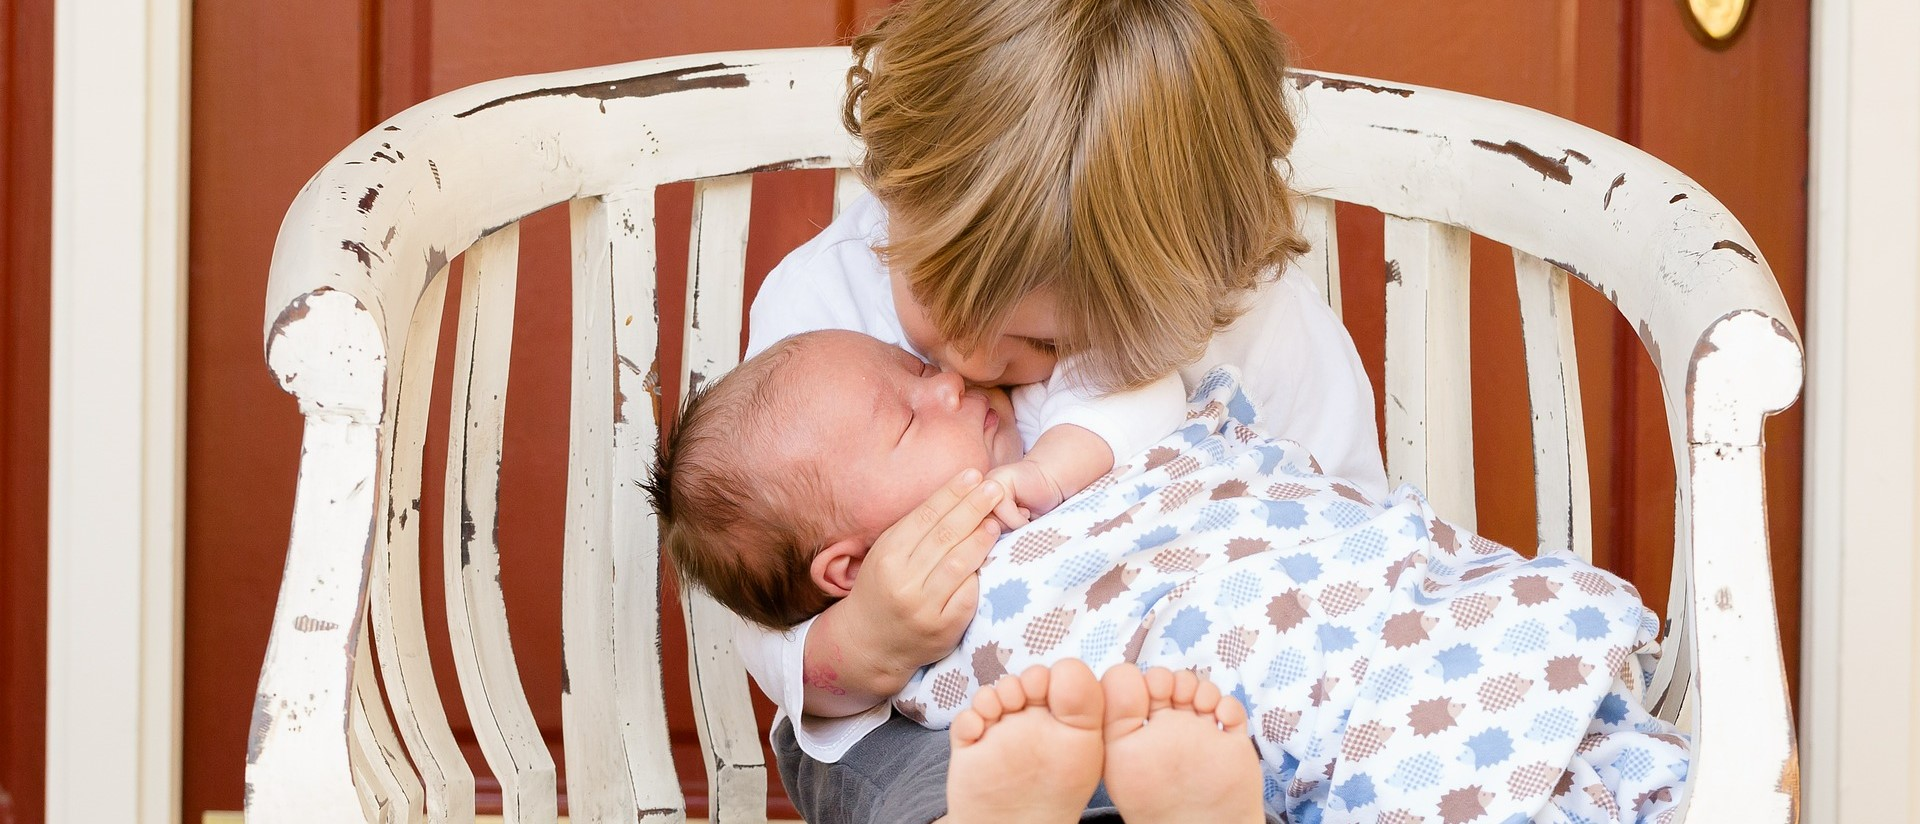 Little Siblings in Delaware | Kids Car Donations